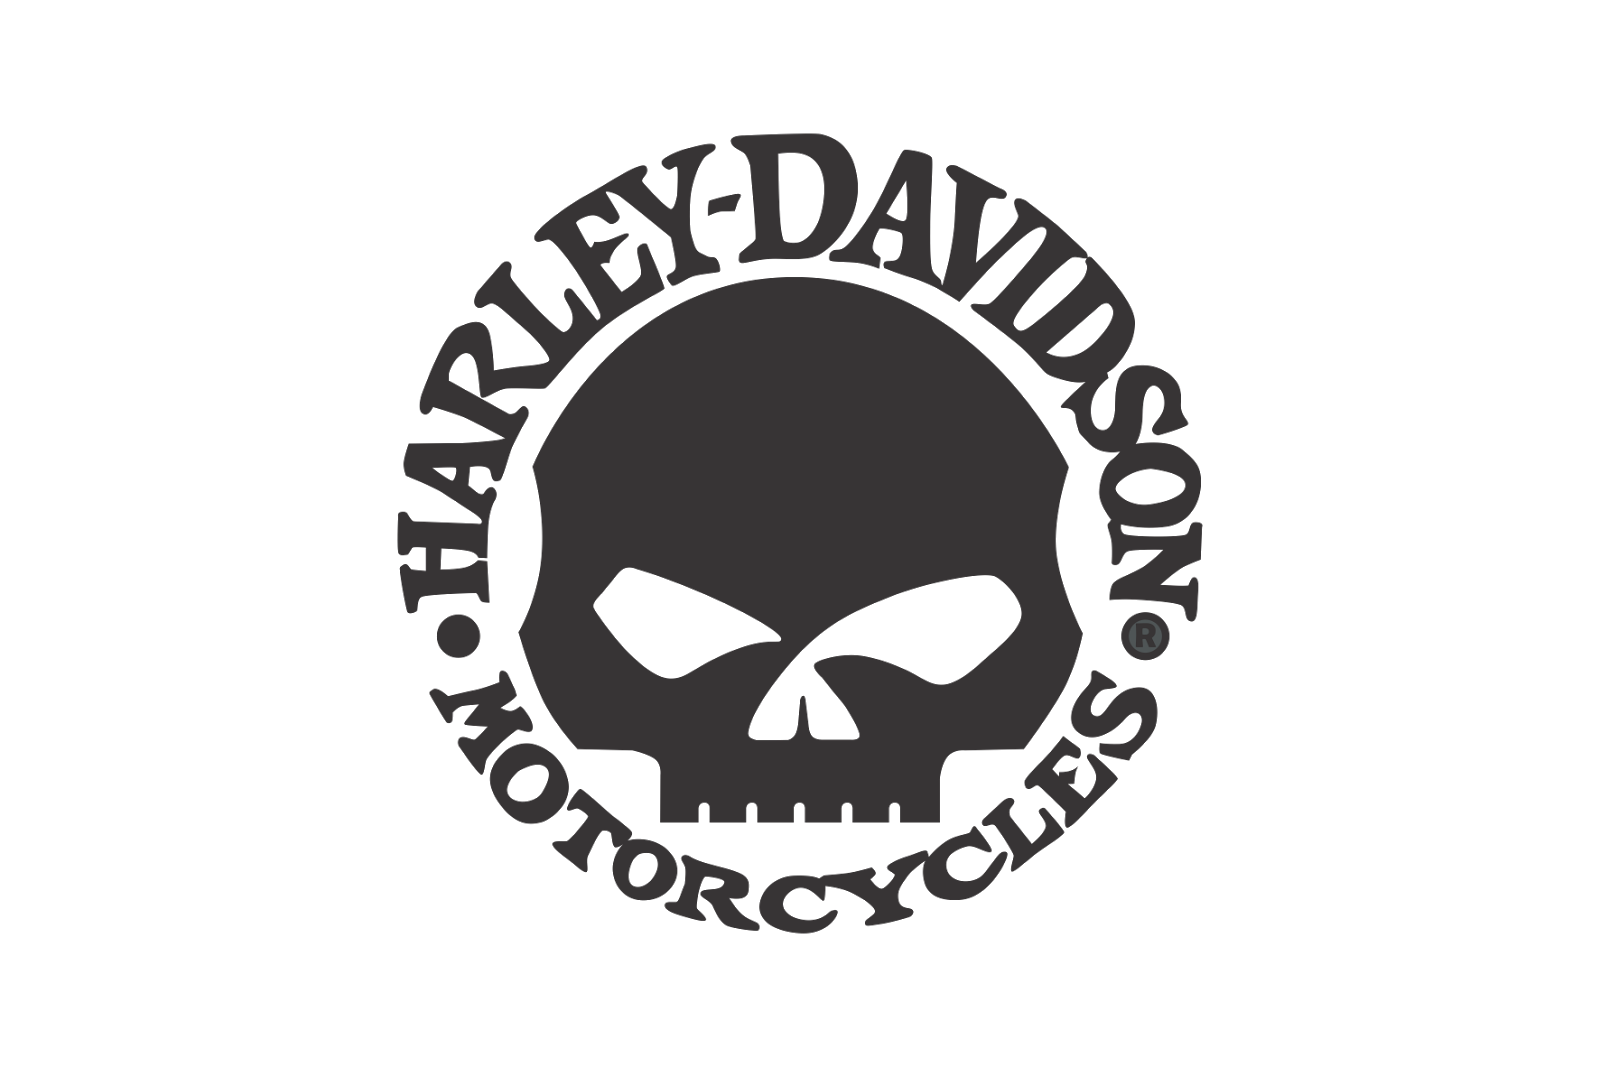 buy online e66ce 786f6 Download PNG image - Harley Davidson Logo Skull Png 1987